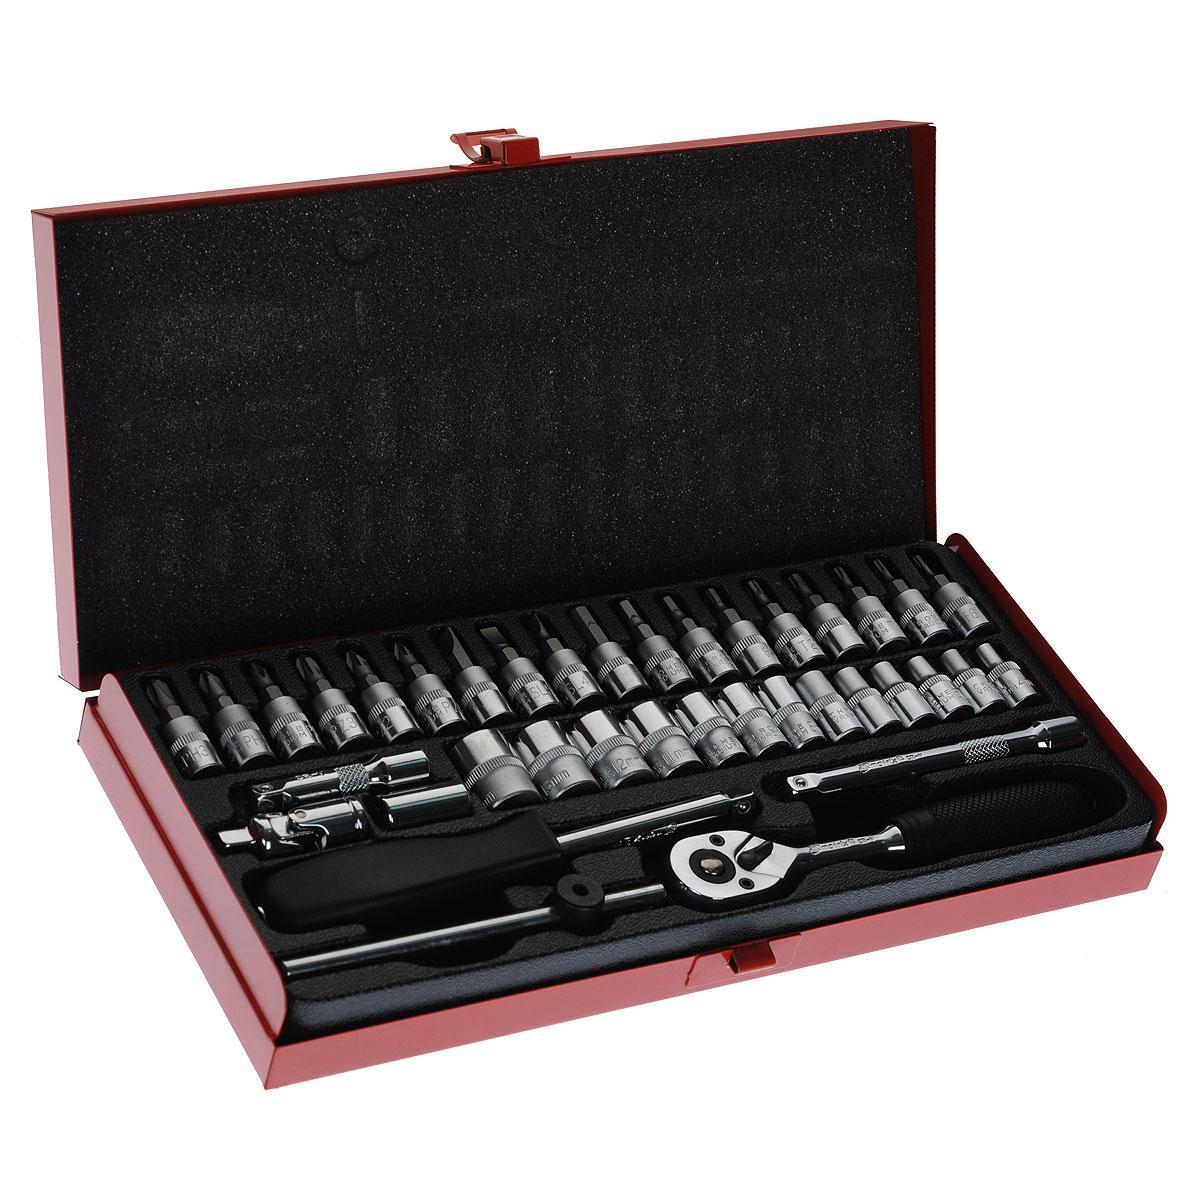 Набор слесарно-монтажный Matrix, 38 предметов54 009312Набор слесарно-монтажного инструмента Matrix предназначен для работы с резьбовыми соединениями. Инструмент изготовлен из хромованадиевой стали с хромированным покрытием, что обеспечивает высокое качество и долговечность.Состав набора:Биты-вставки: Hex 3 мм, 4 мм, 5 мм, 6 мм, SL4, SL5,5, SL7, PH1, PH2, PH3, PZ1, PZ2, PZ3, T8, T10, T15, T20, T25.Головки торцевые шестигранные 1/4: 4 мм, 4,5 мм, 5 мм, 5,5 мм, 6 мм, 7 мм, 8 мм, 9 мм, 10 мм, 11 мм, 12 мм, 13 мм, 14 мм.Карданный шарнир 1/4.Вороток отверточного типа 1/4.Вороток T-образный 1/4.Удлинитель 1/4 50 мм.Удлинитель 1/4 100 мм.Ключ трещоточный (45 зубьев) с эргономичной пластиковой ручкой, реверсом и механизмом разблокировки шарикового фиксатора.Битодержатель 1/4.